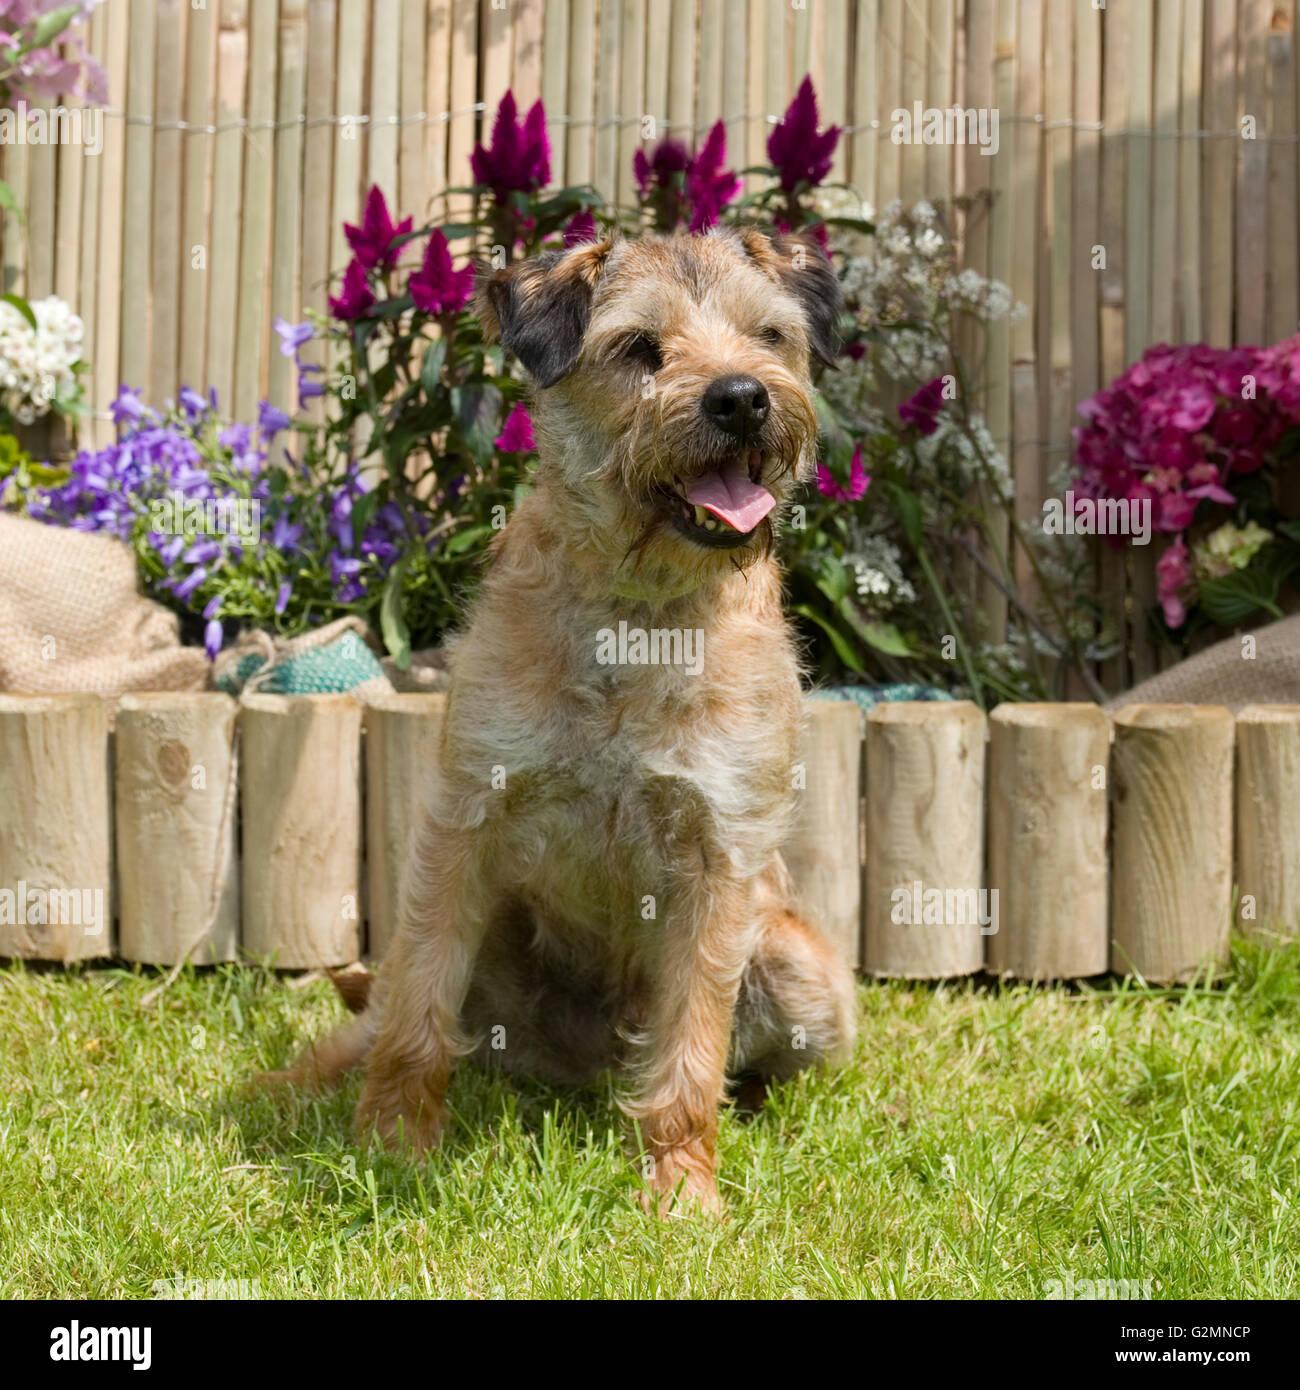 border terrier - Stock Image